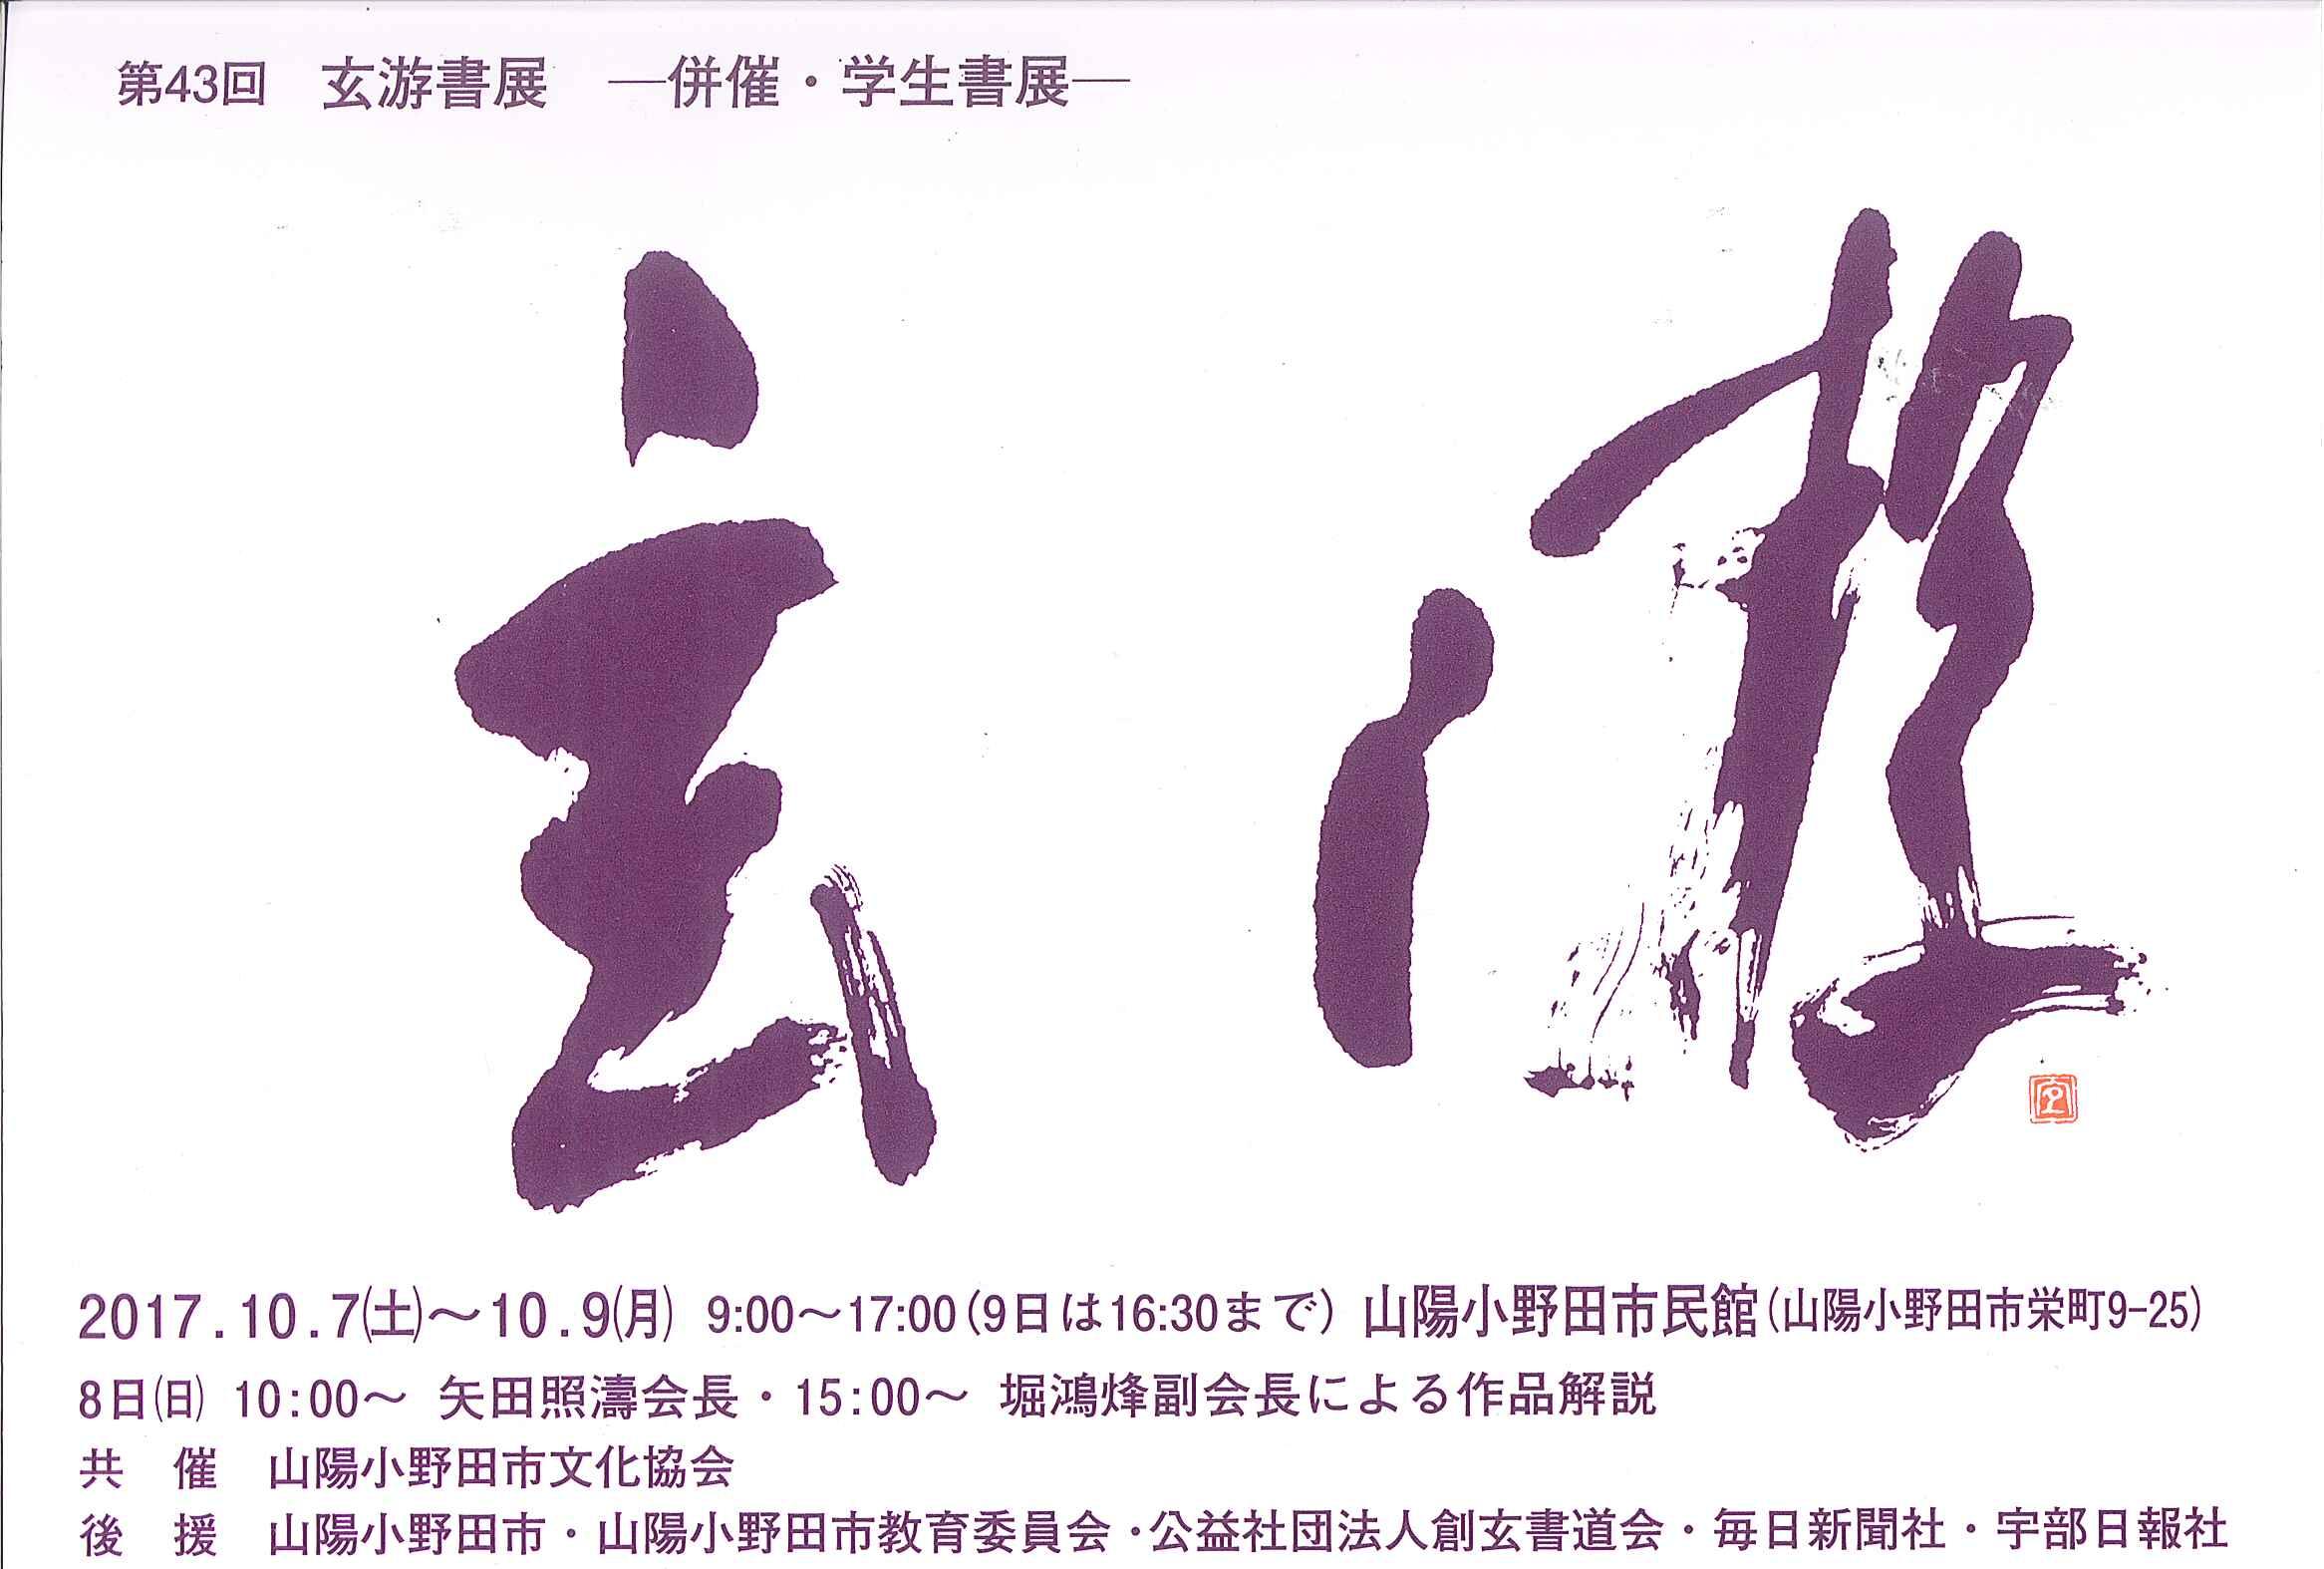 http://www.sogen.or.jp/letter/2017/10/04/20171004133318519_0001.jpg